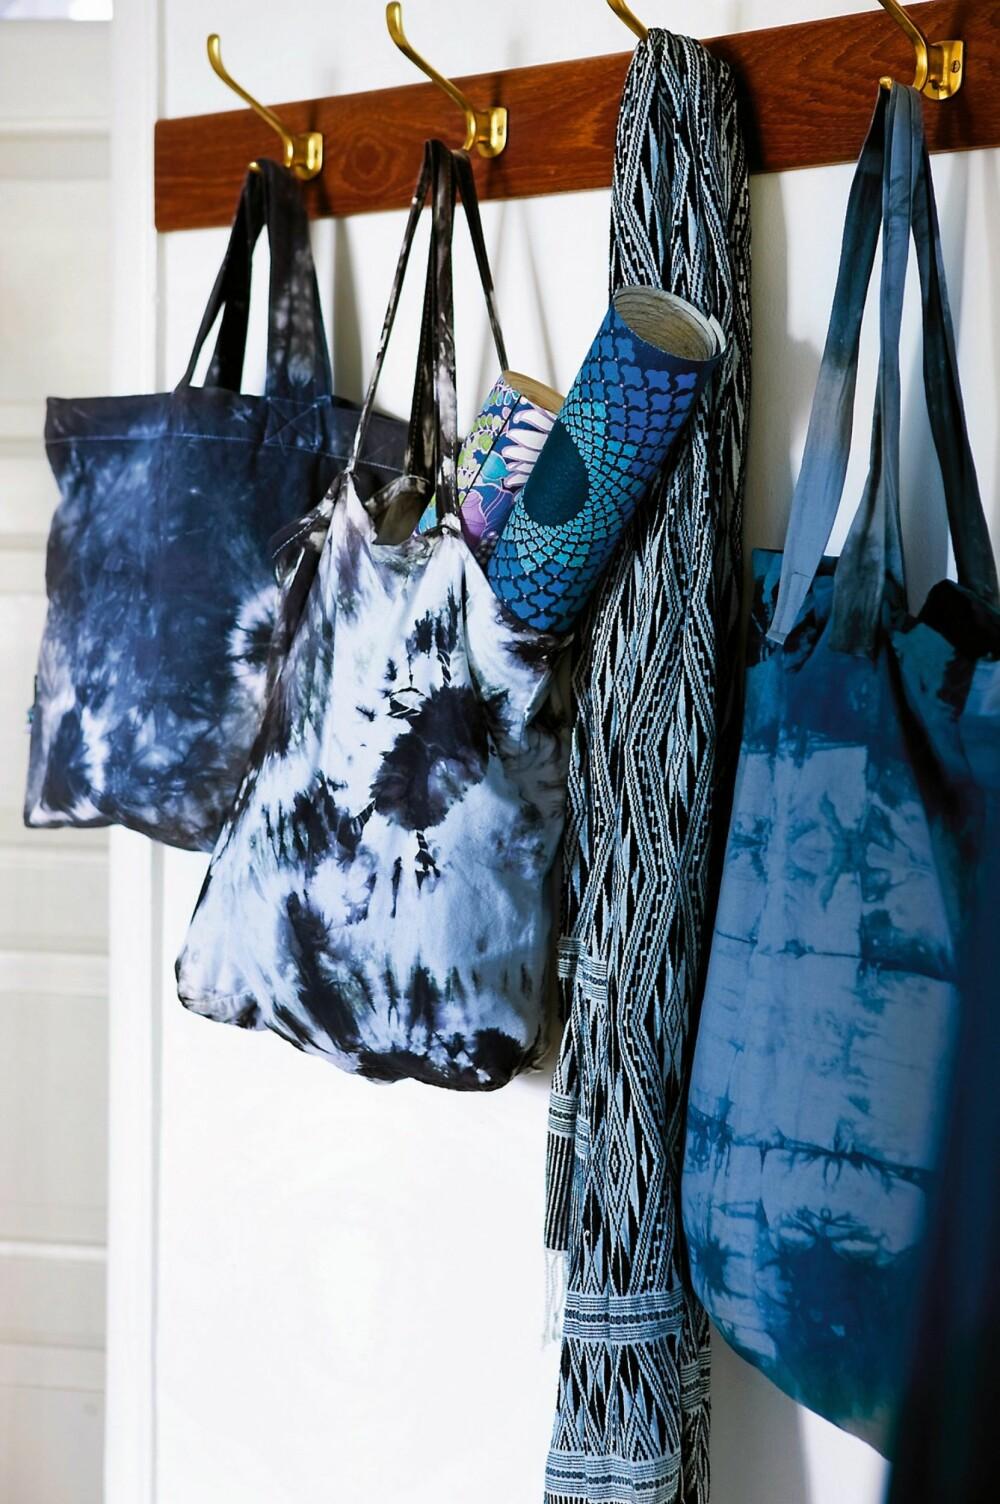 FIFFIGE HANDLENETT: Handlenettene i batikk er praktiske til innkjøp, men også fine til pynt. Her har vi laget et i hver sin teknikk: ring-, vri- og firkantteknikk.